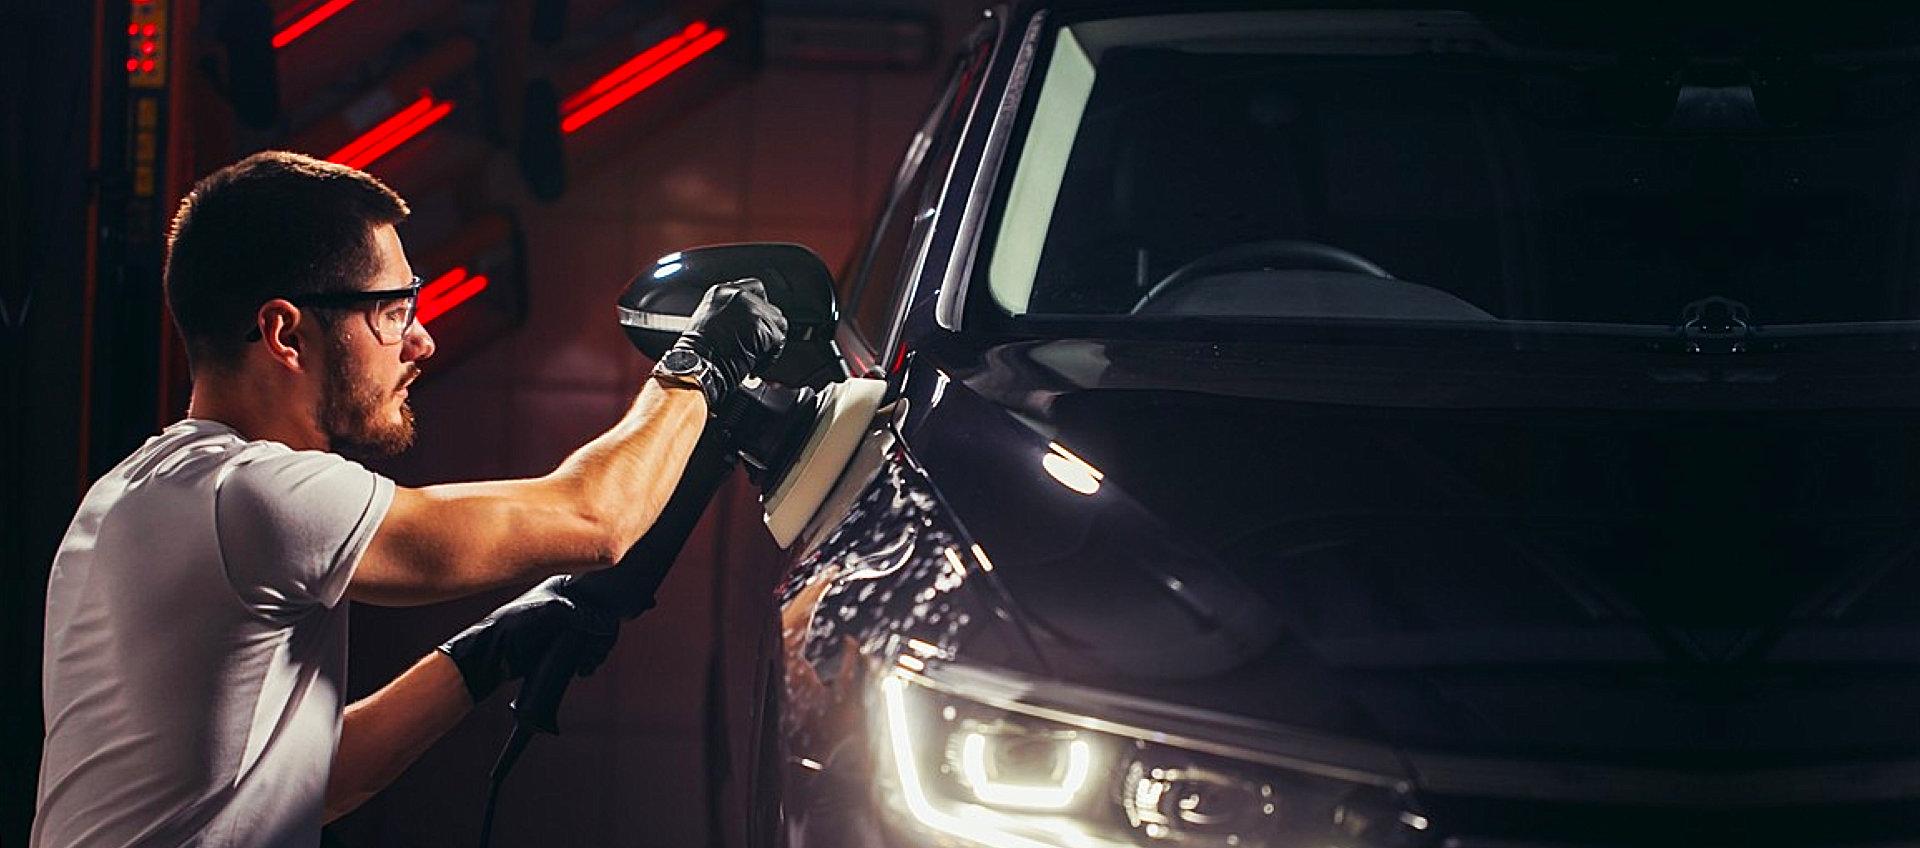 mechanic shining the car